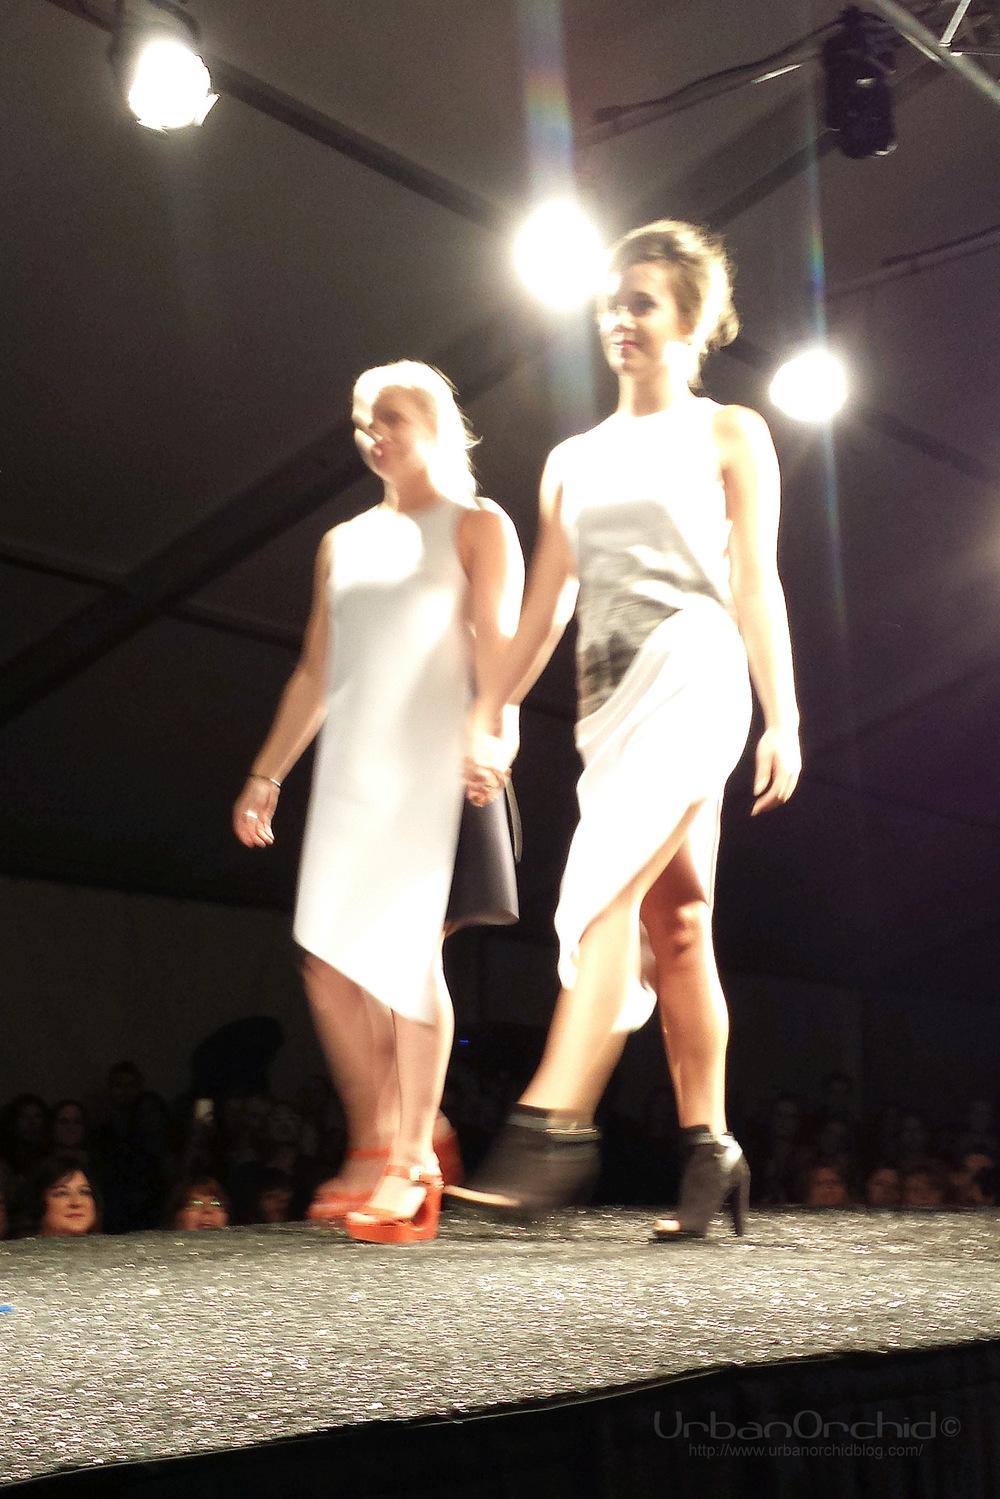 Target designer showcase - Lindsey Hopkins